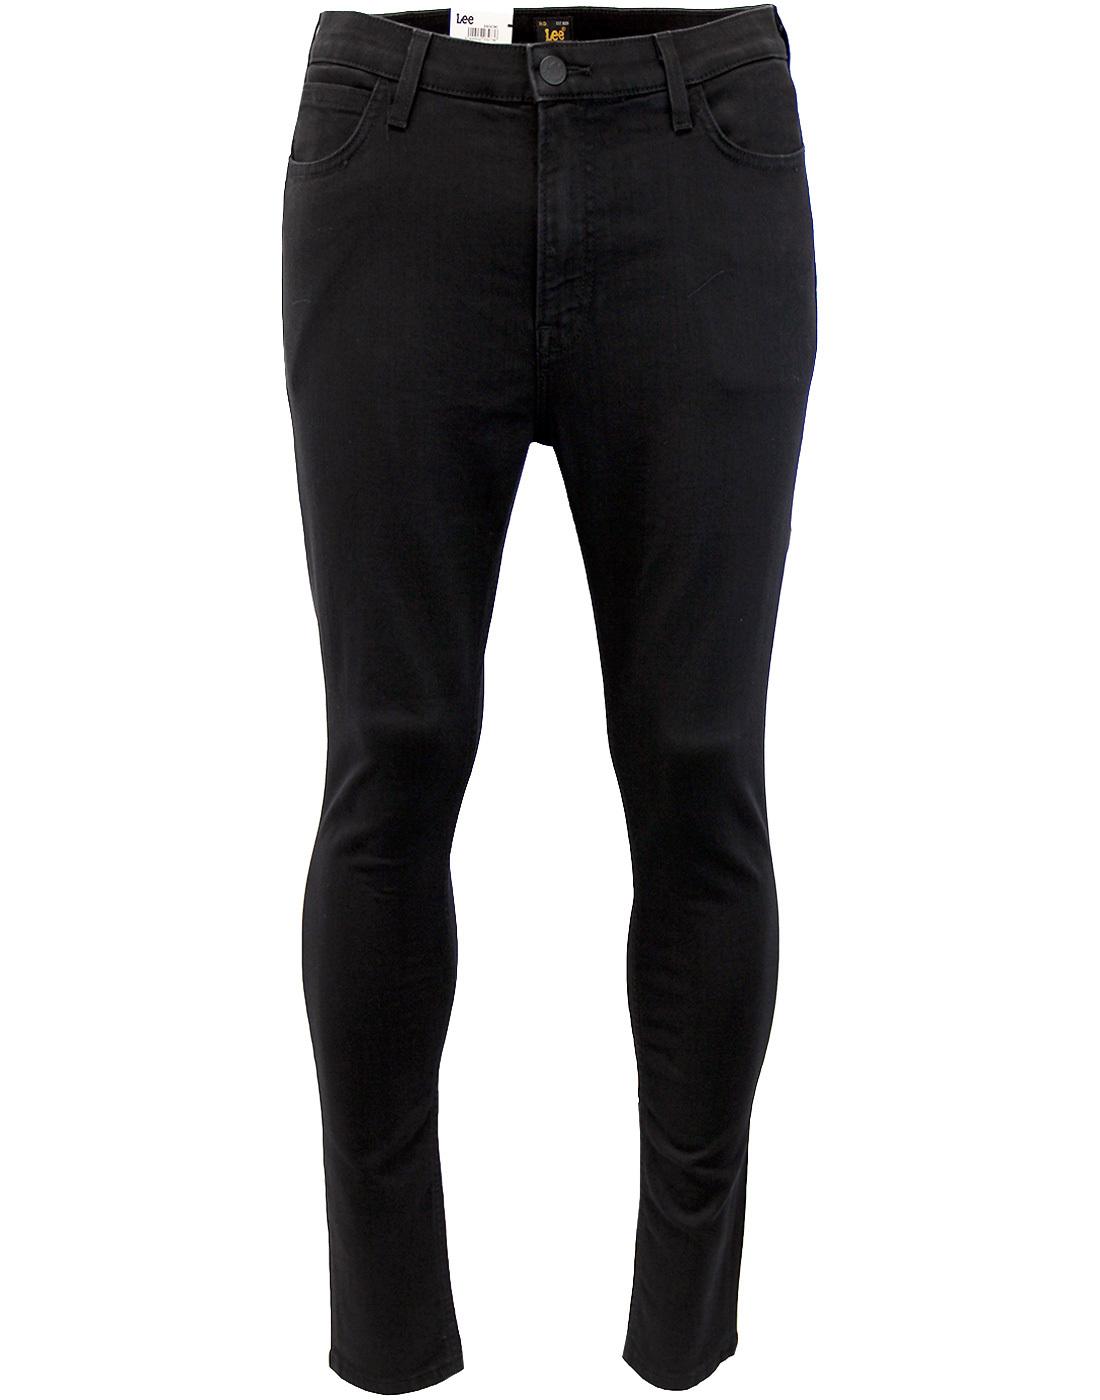 LEE Boyd Retro Indie Super Skinny Jeans BLACK